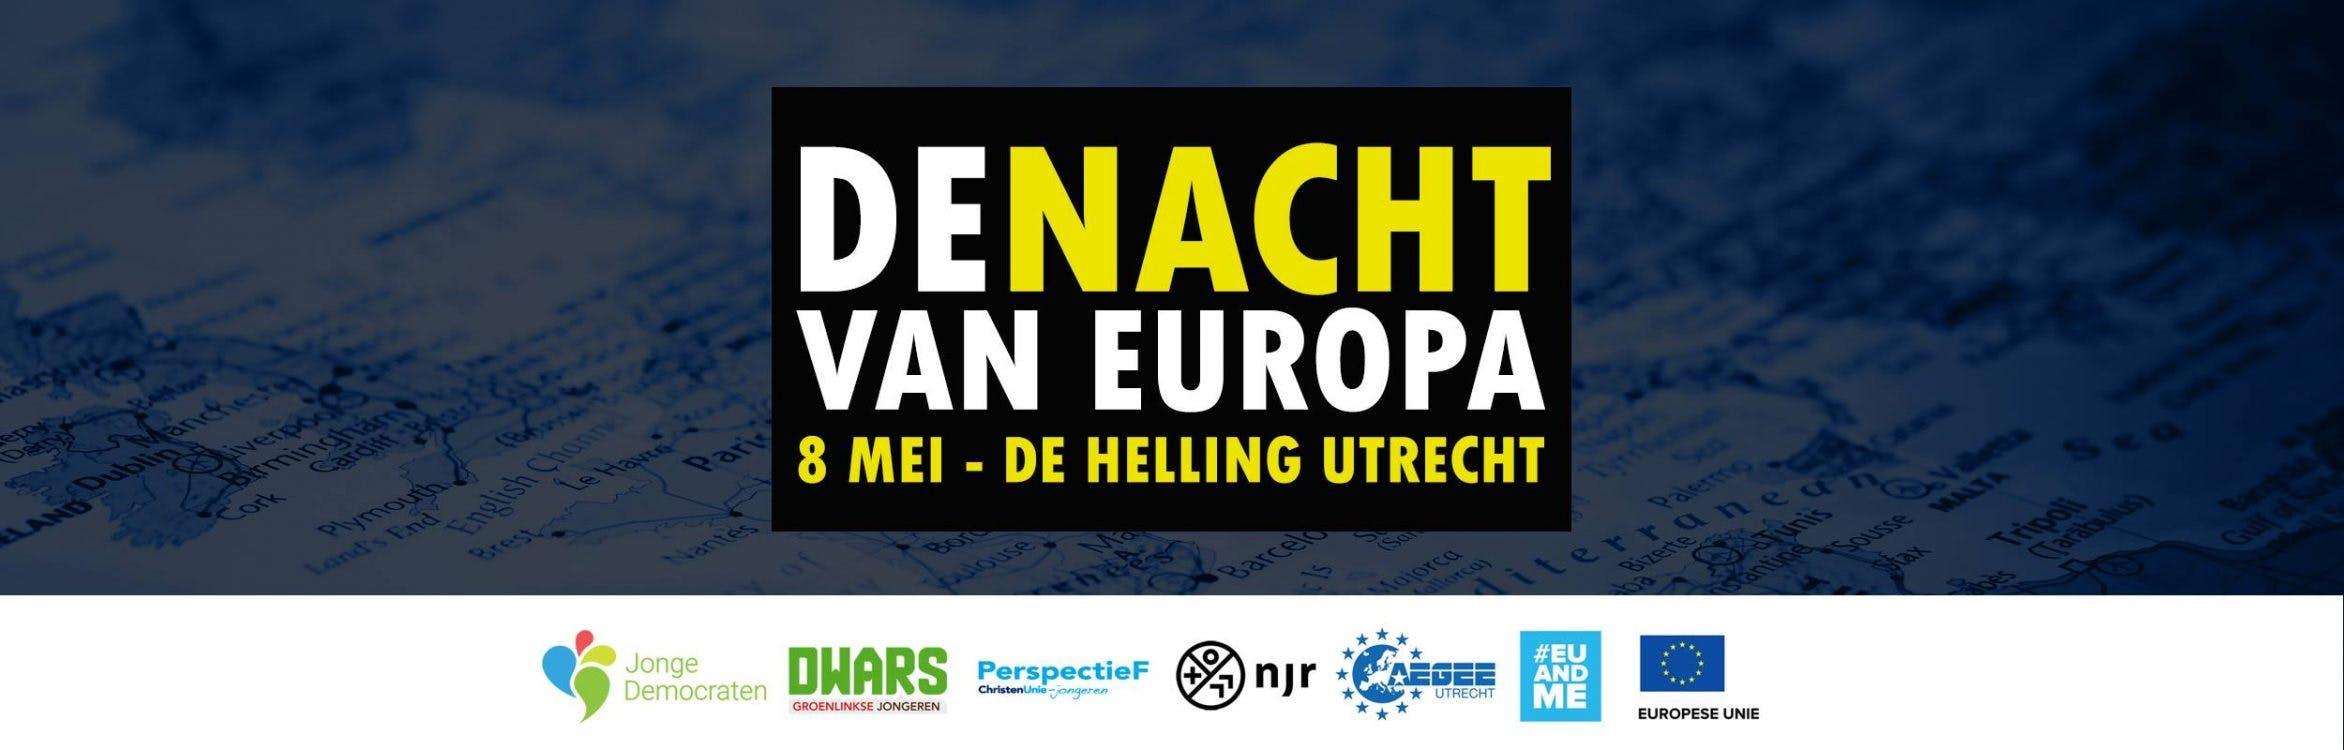 #EUandME, in gesprek over Europa